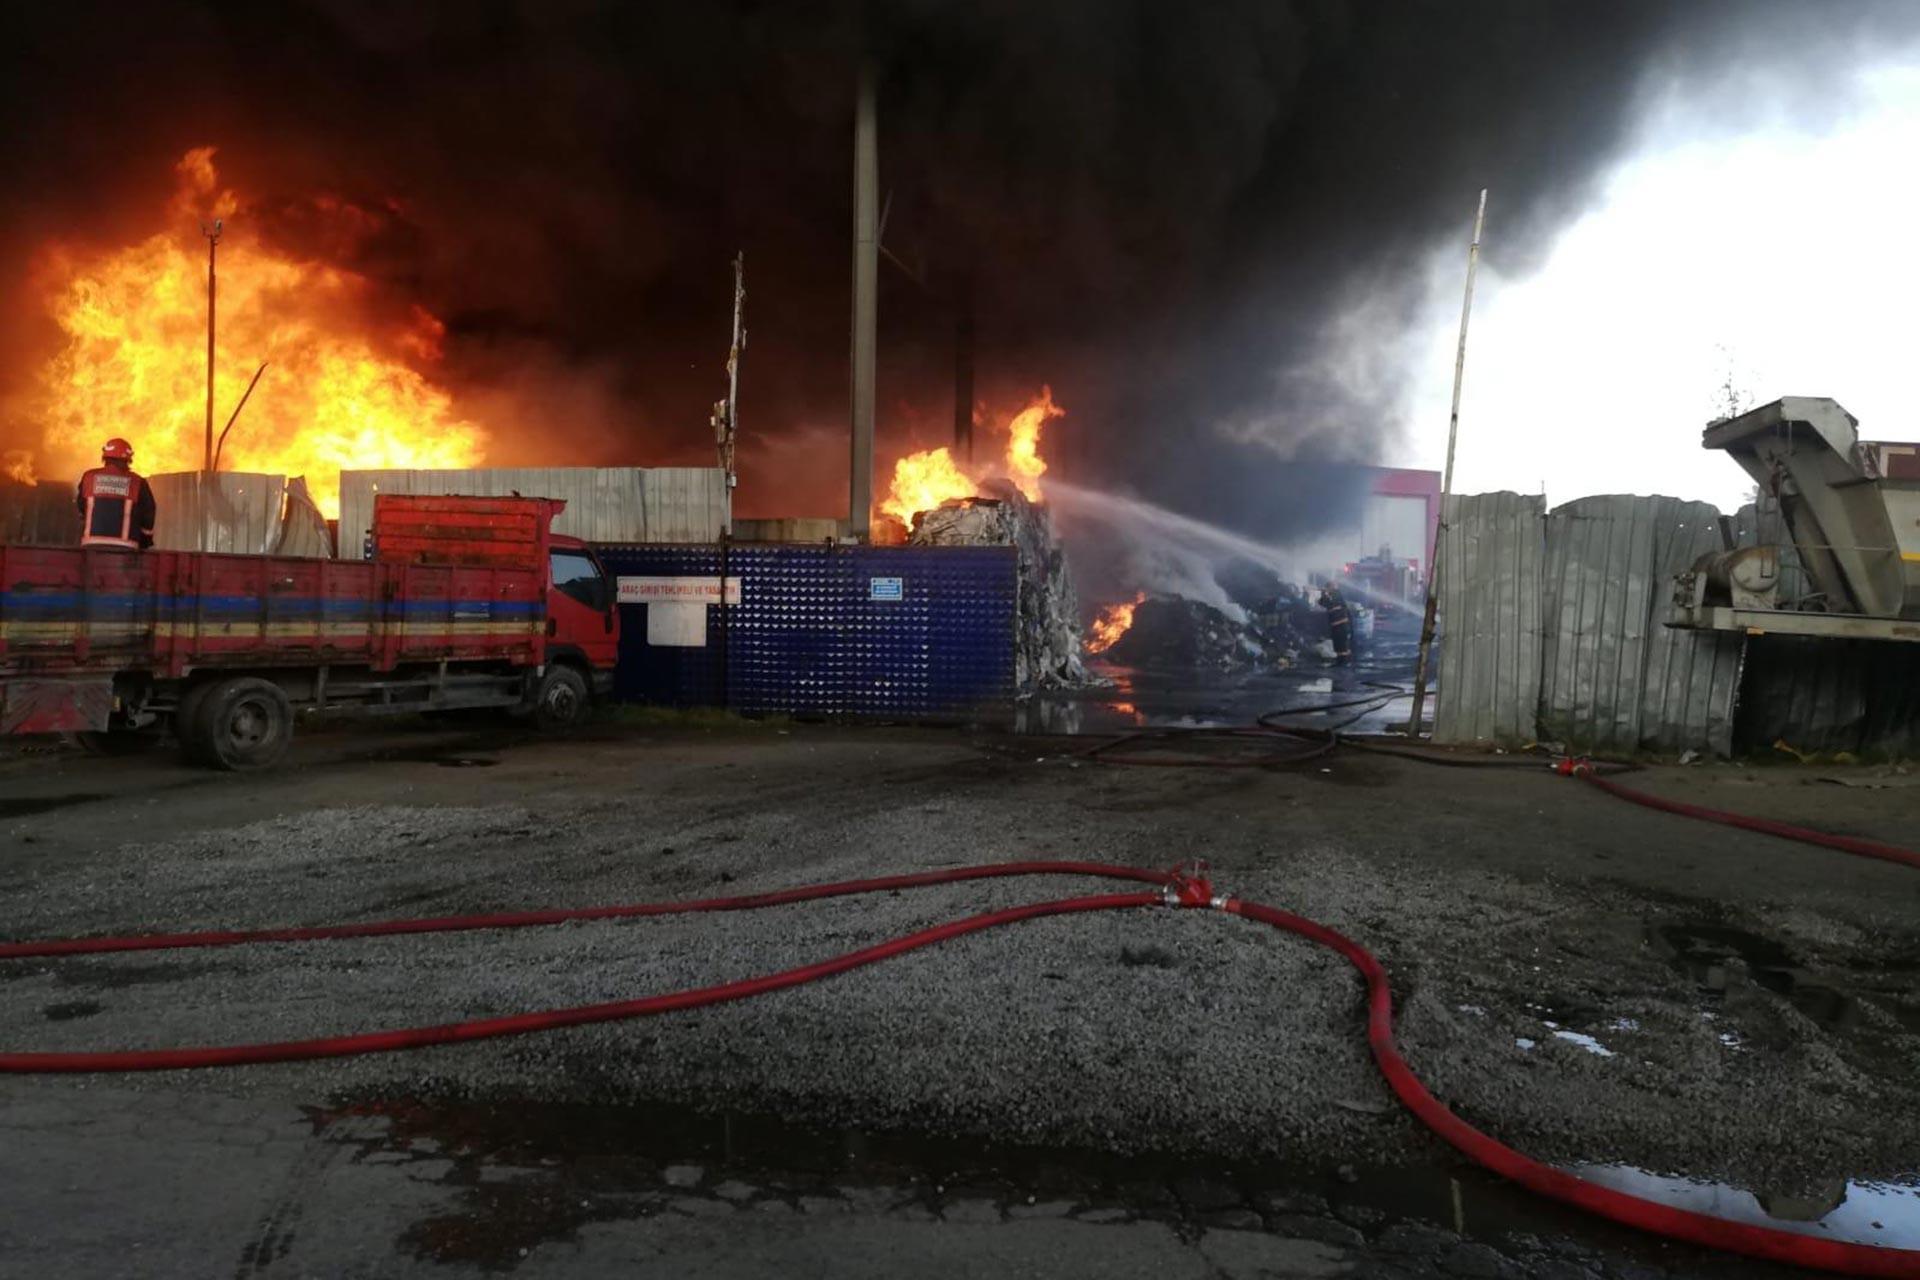 Sakarya'da geri dönüşüm tesisinde yangın çıktı